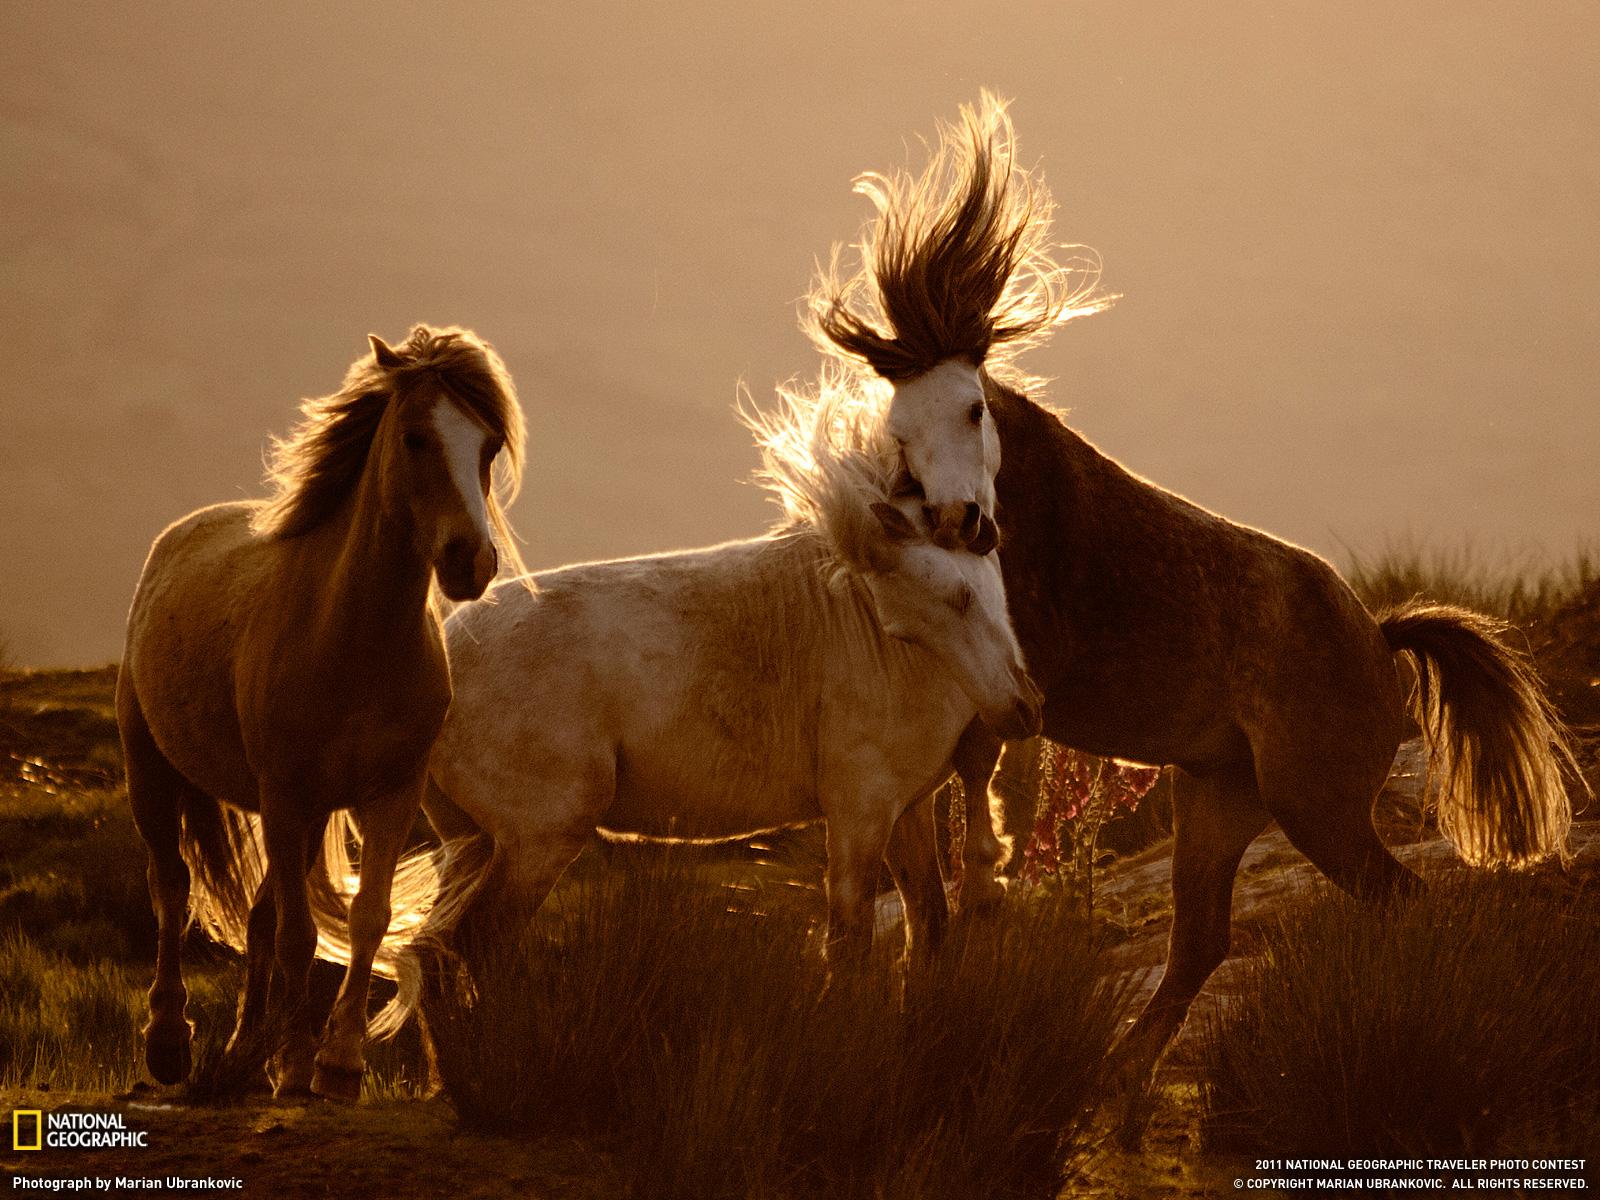 Animales Chistosos Imagenes Chistosas - descargar imagenes de animales